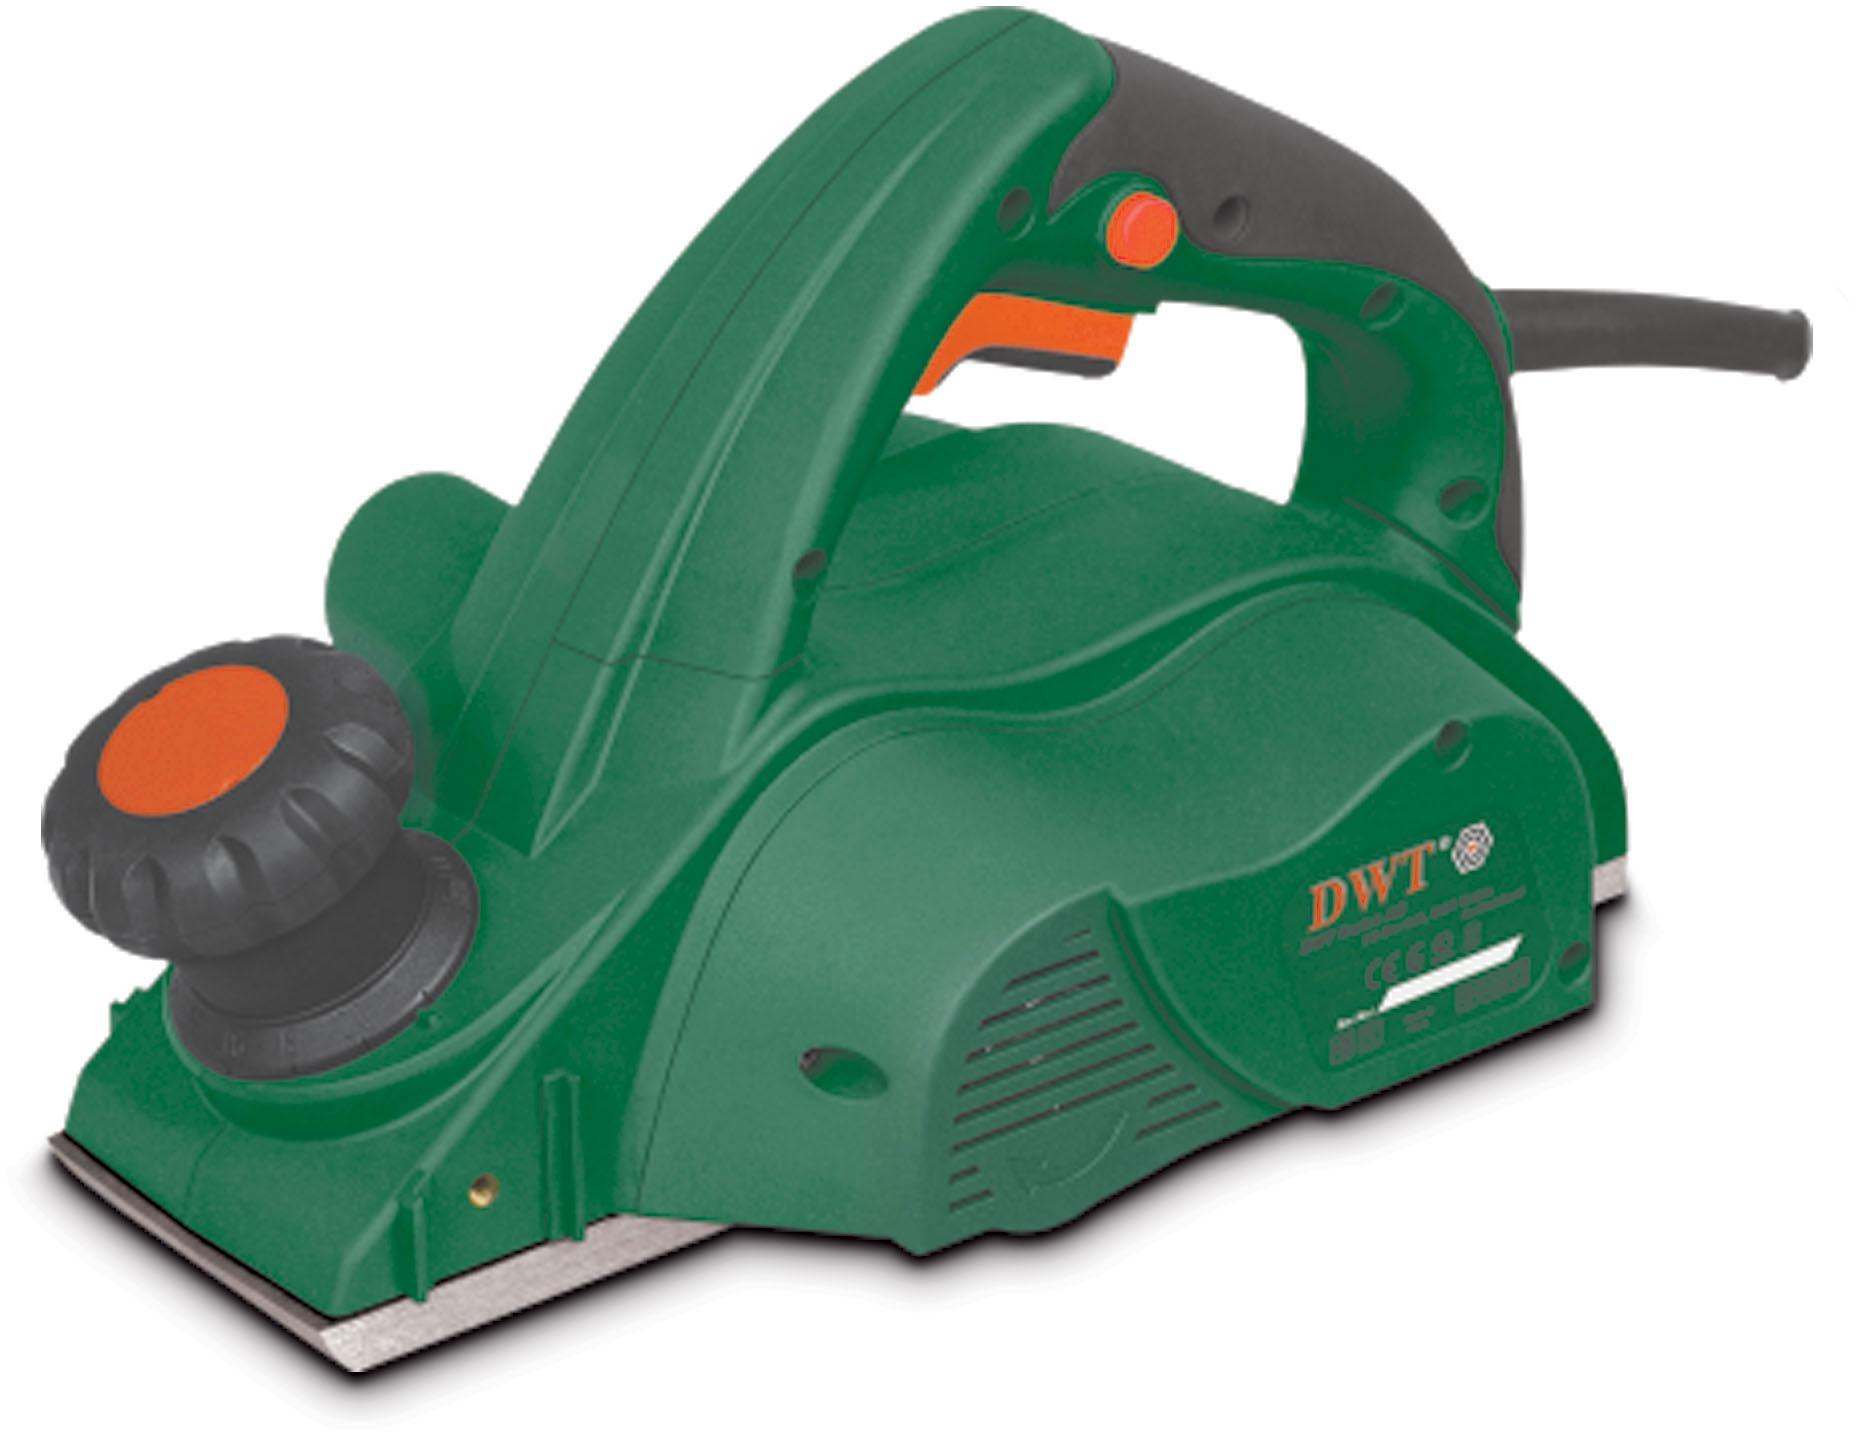 DWT HB02-82 - электрический рубанок (Green) от iCover